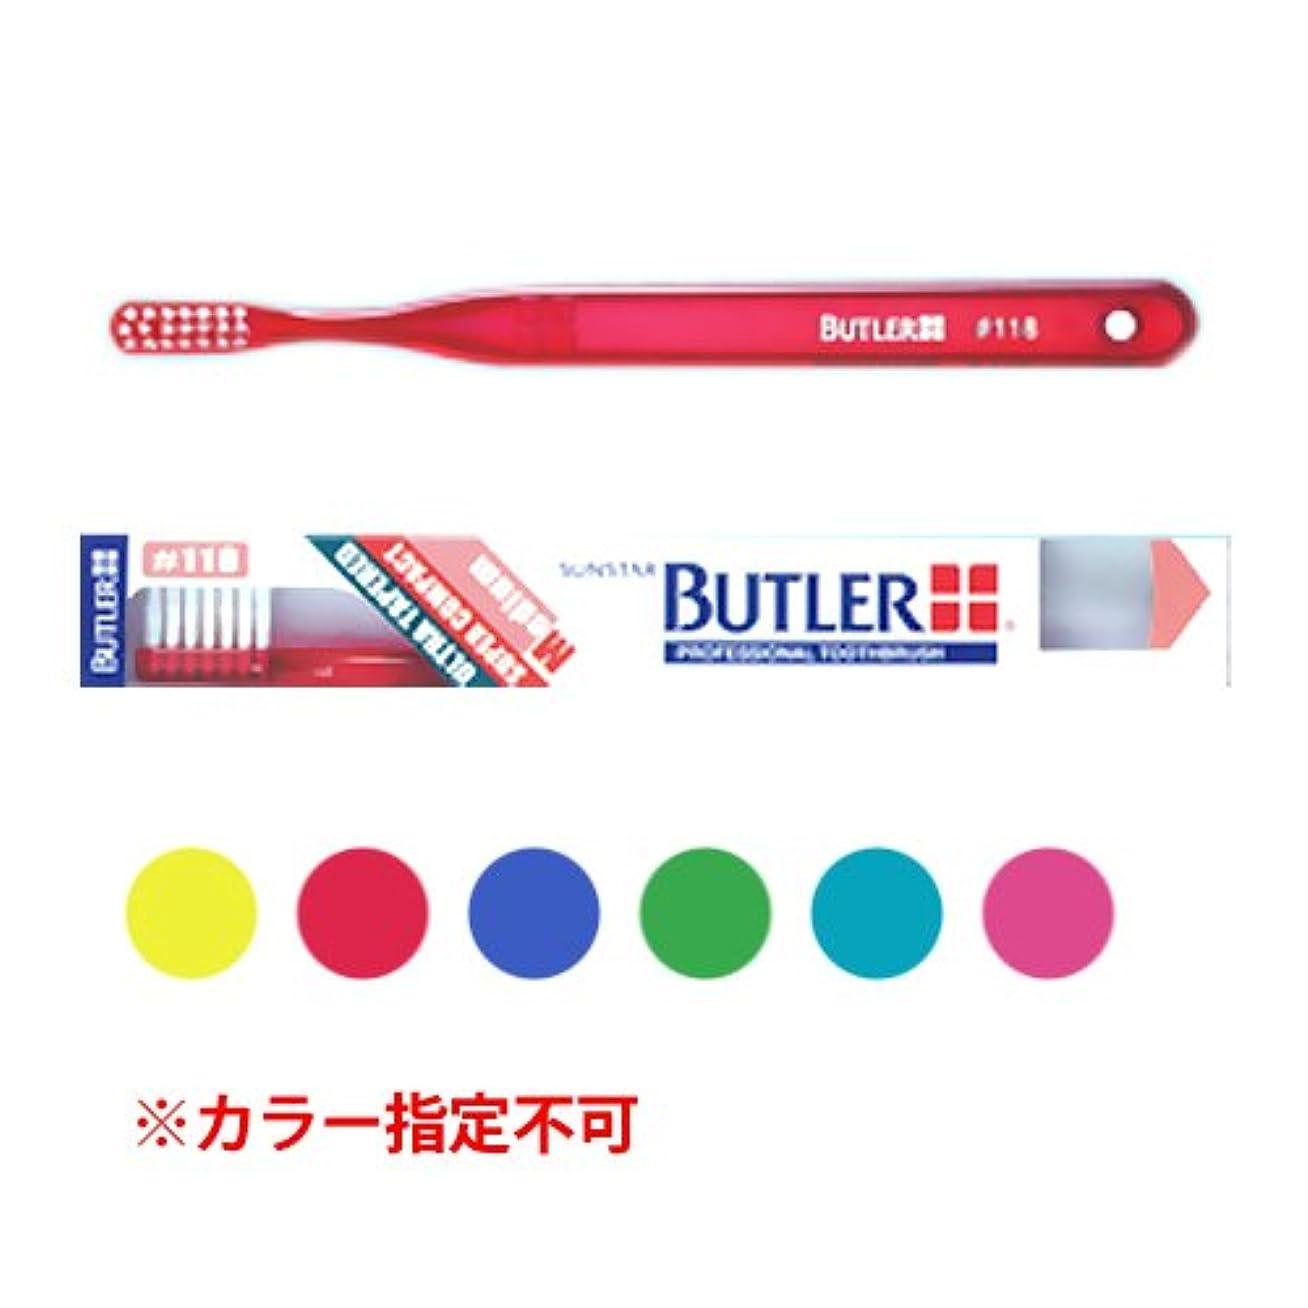 ミケランジェロ六月情熱的バトラー 歯ブラシ 1本 #118